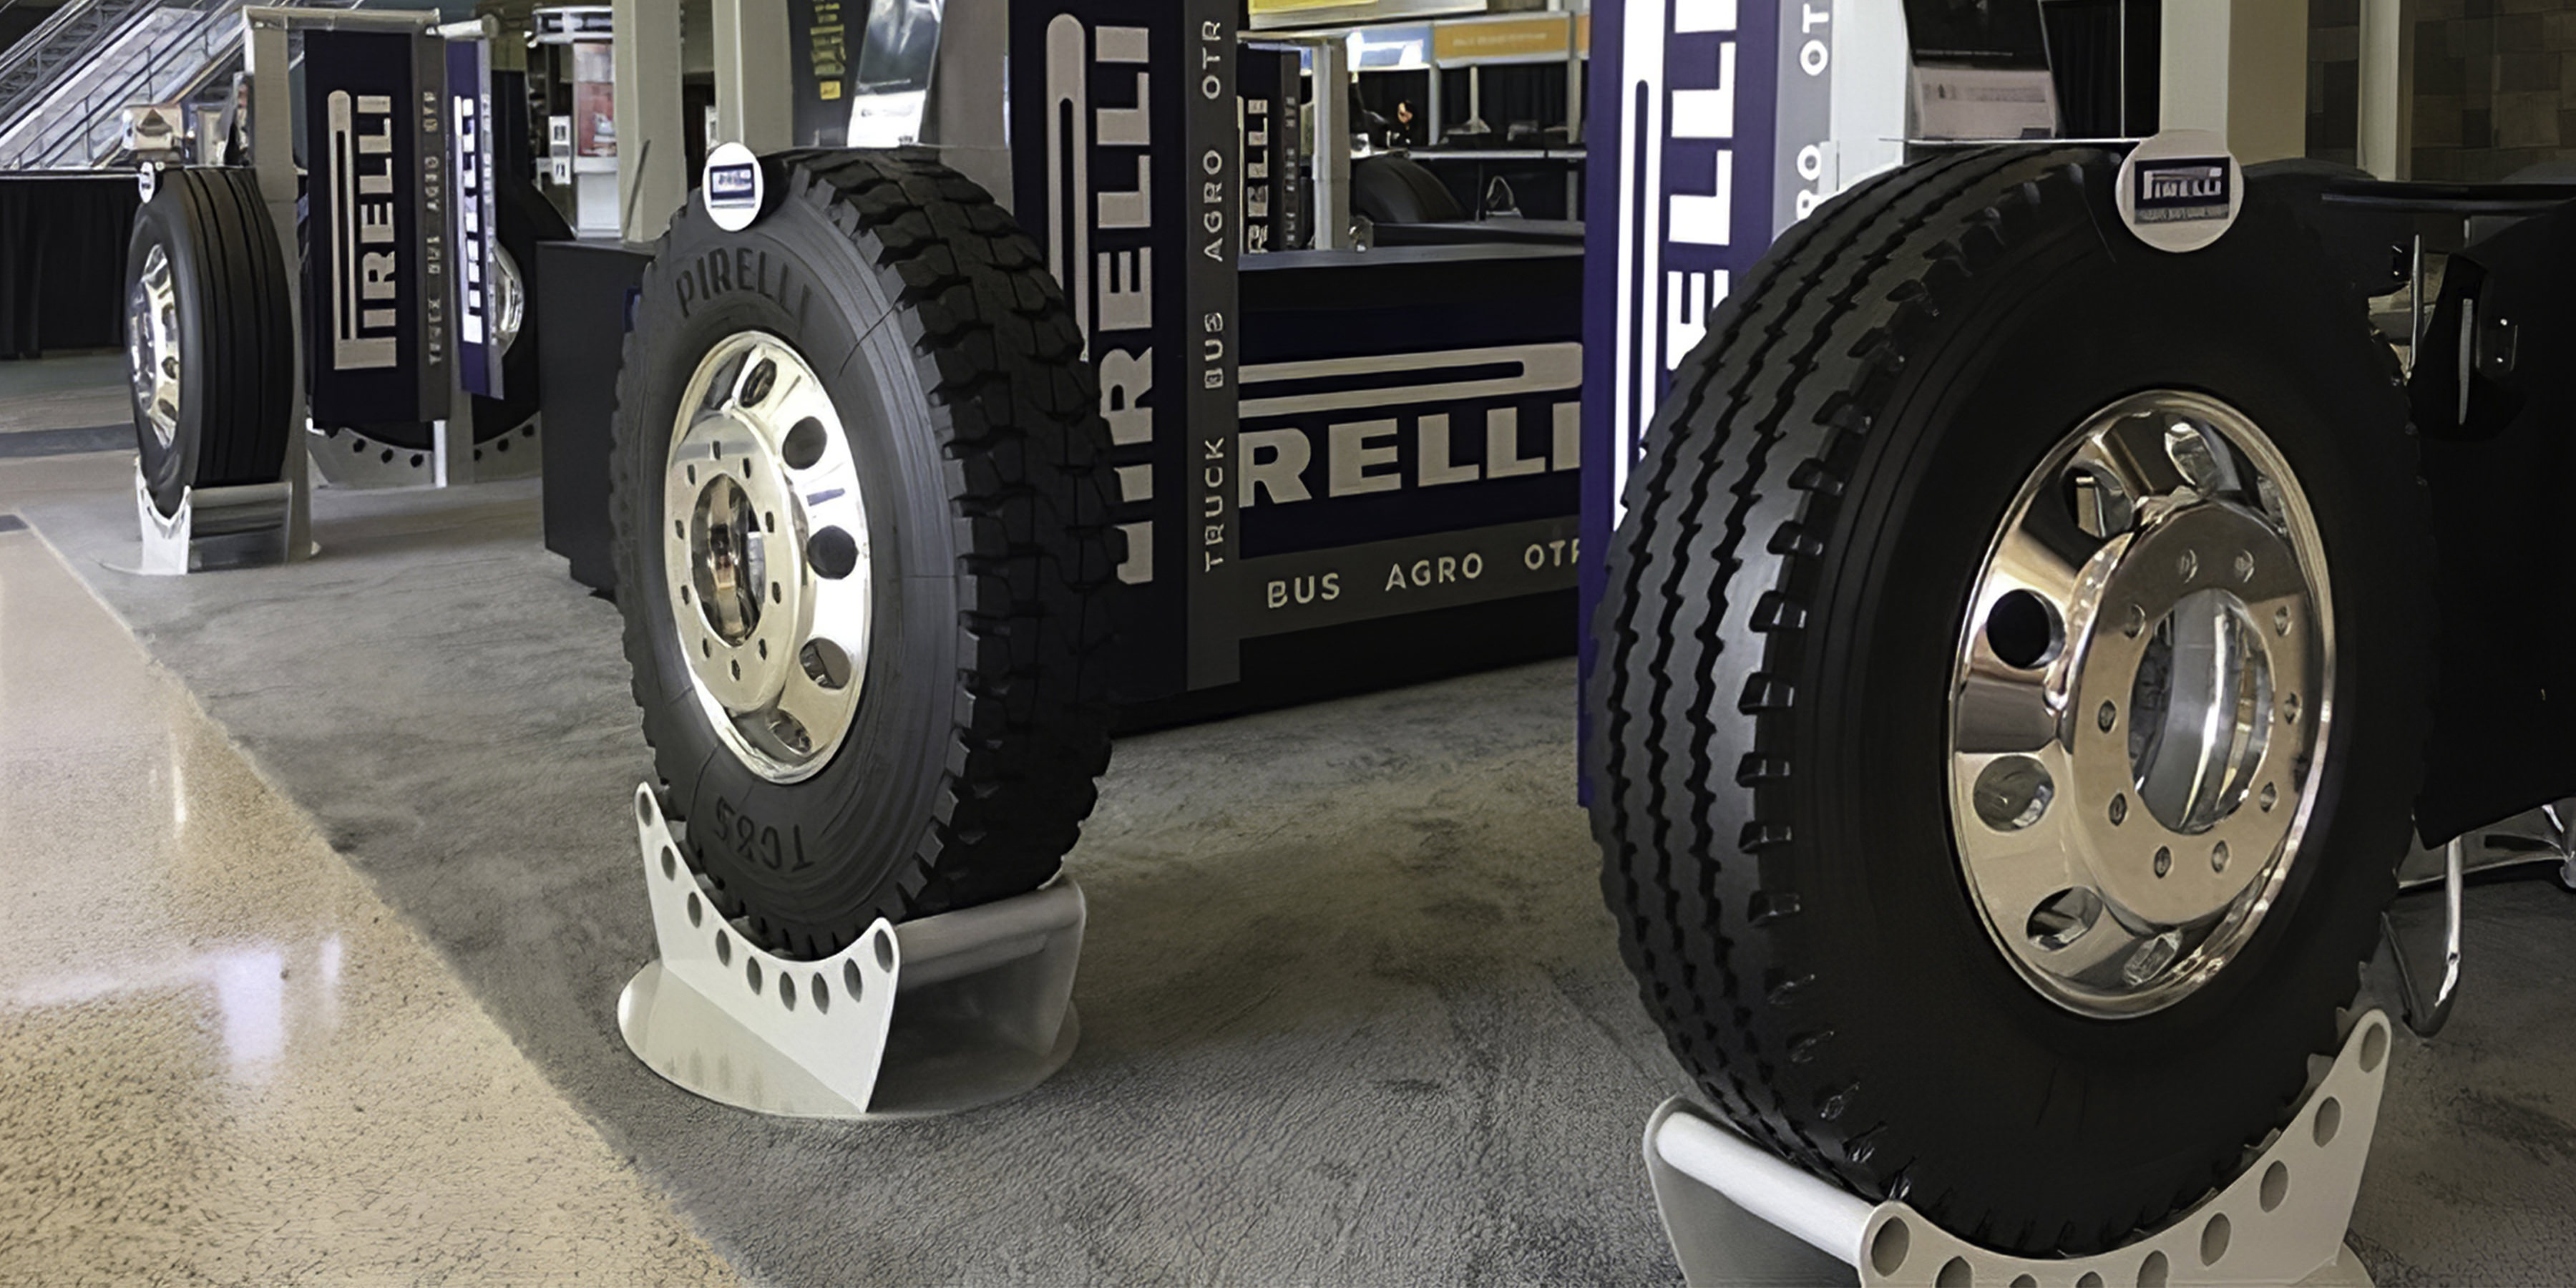 Pirelli-01_output_Banner-Crop-1